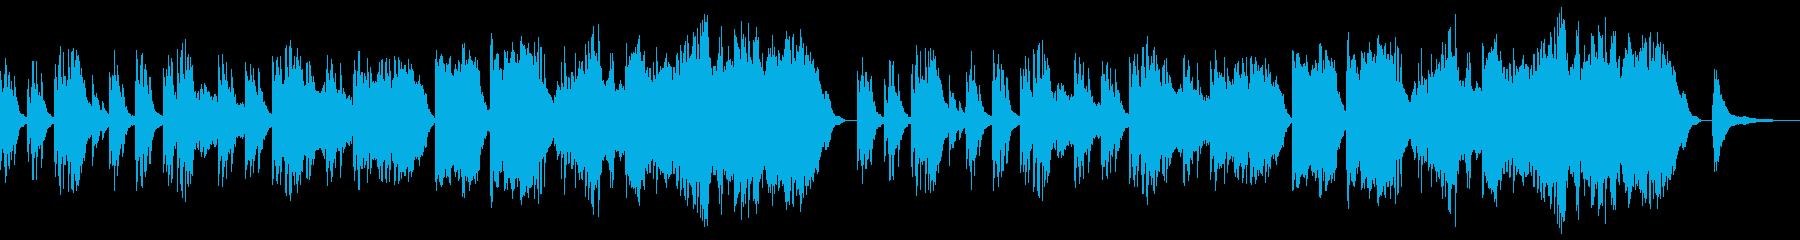 切ない系のBGMの再生済みの波形